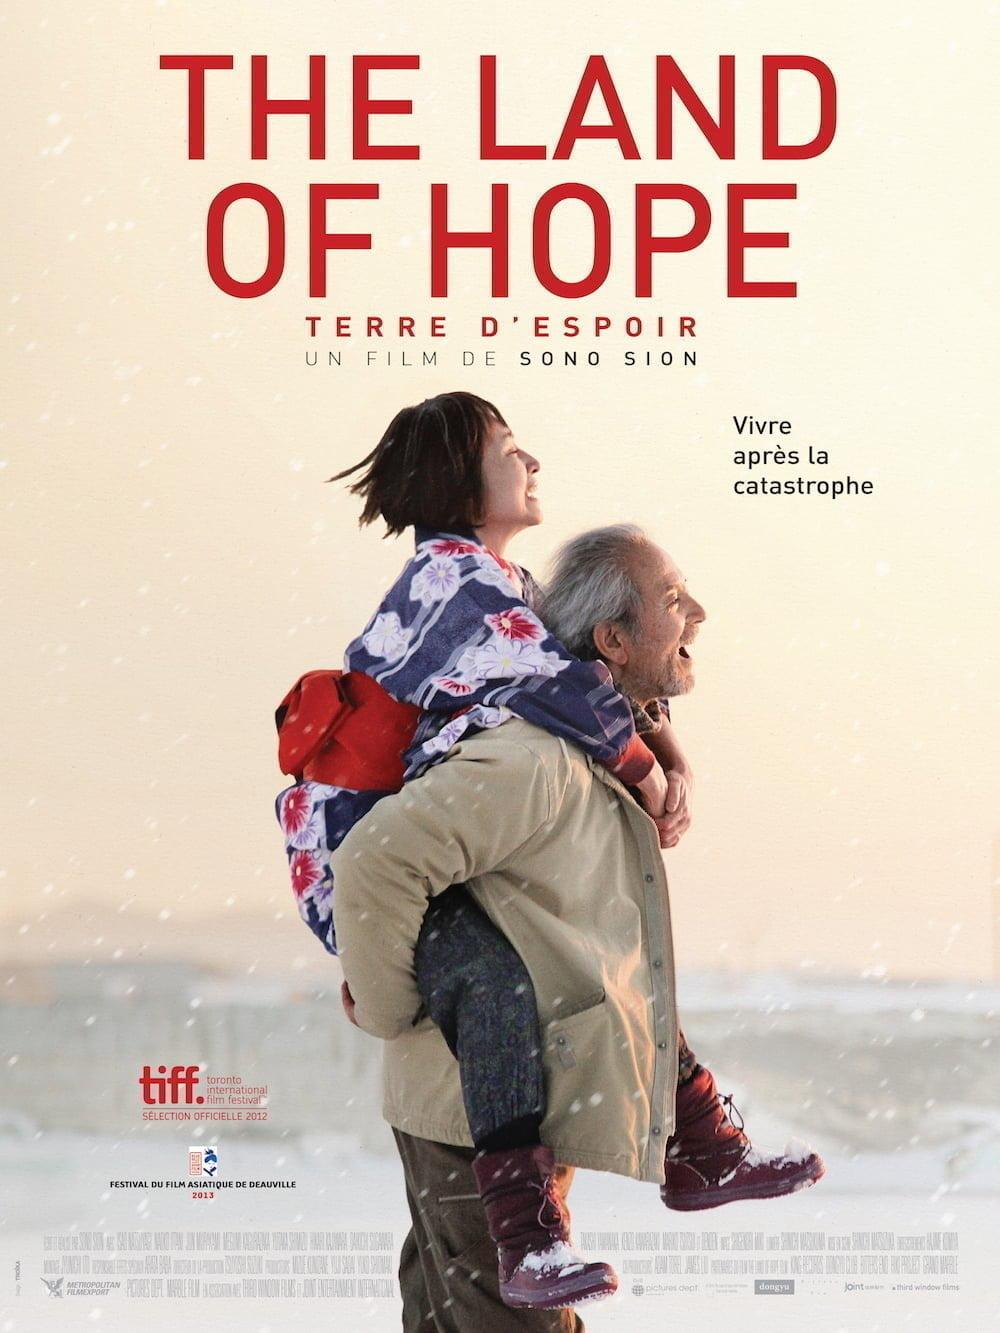 affiche de The Land of Hope